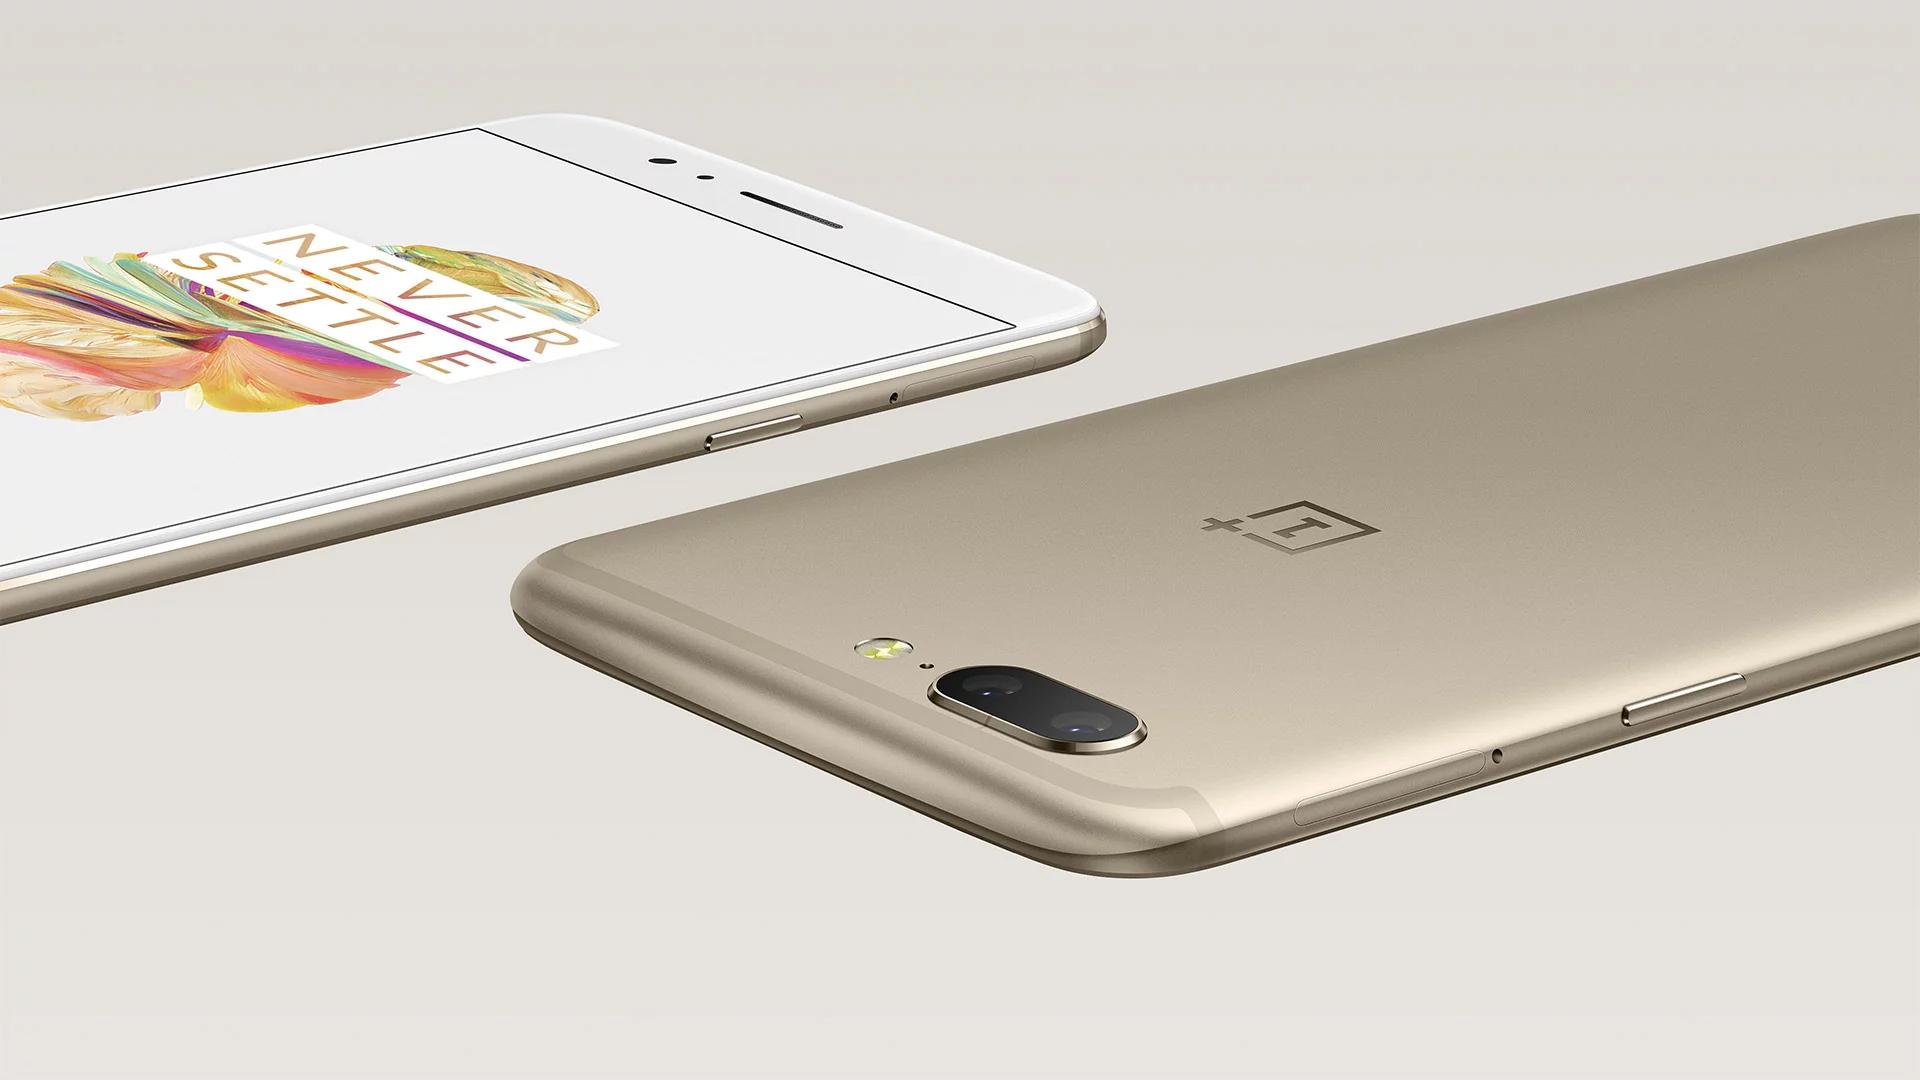 Самый мощный Android-смартфон OnePlus 5